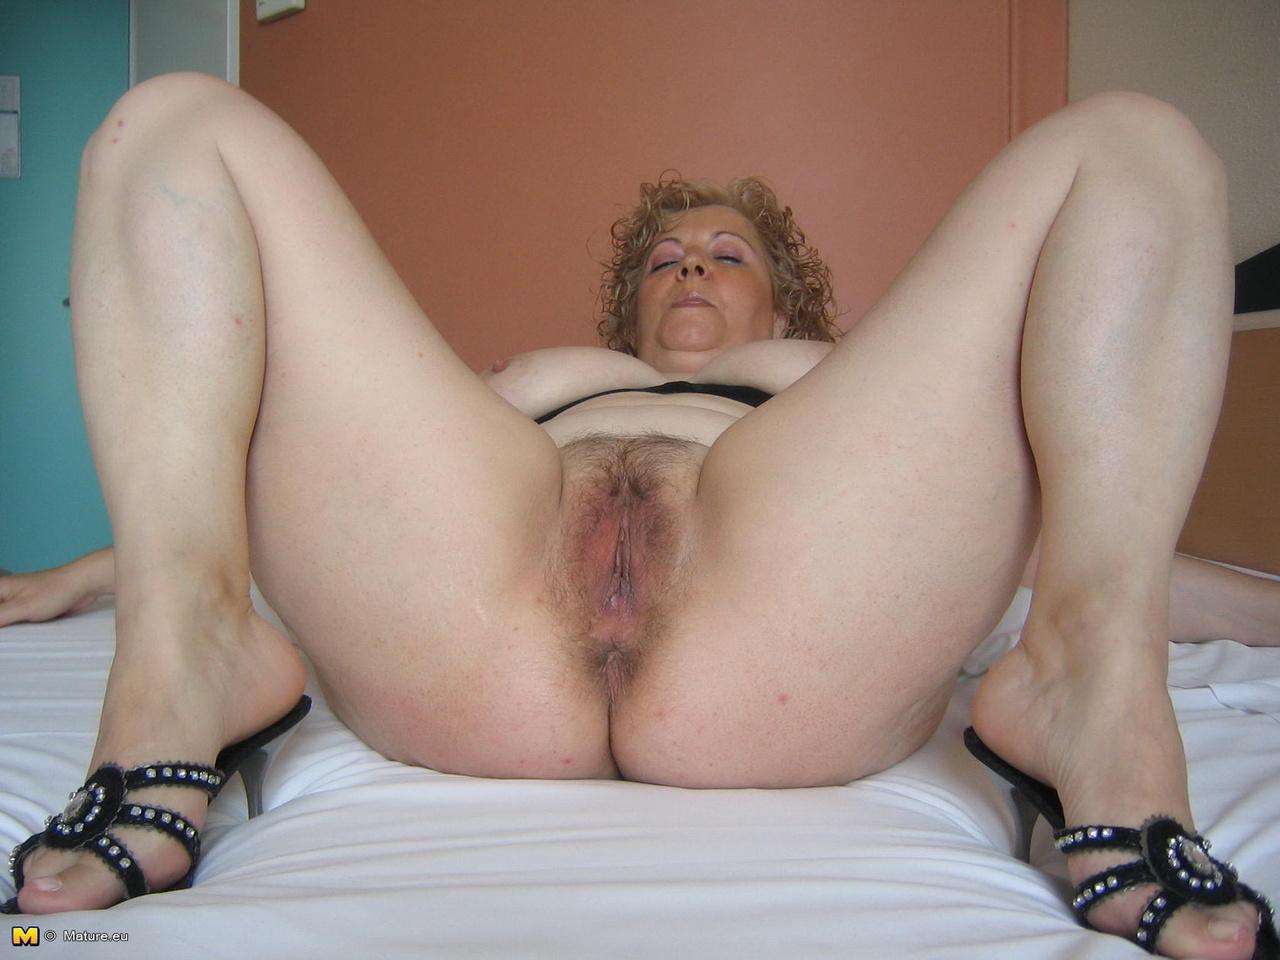 порно смотреть зрелая мамка с волосатыми писькой жопой и ногами